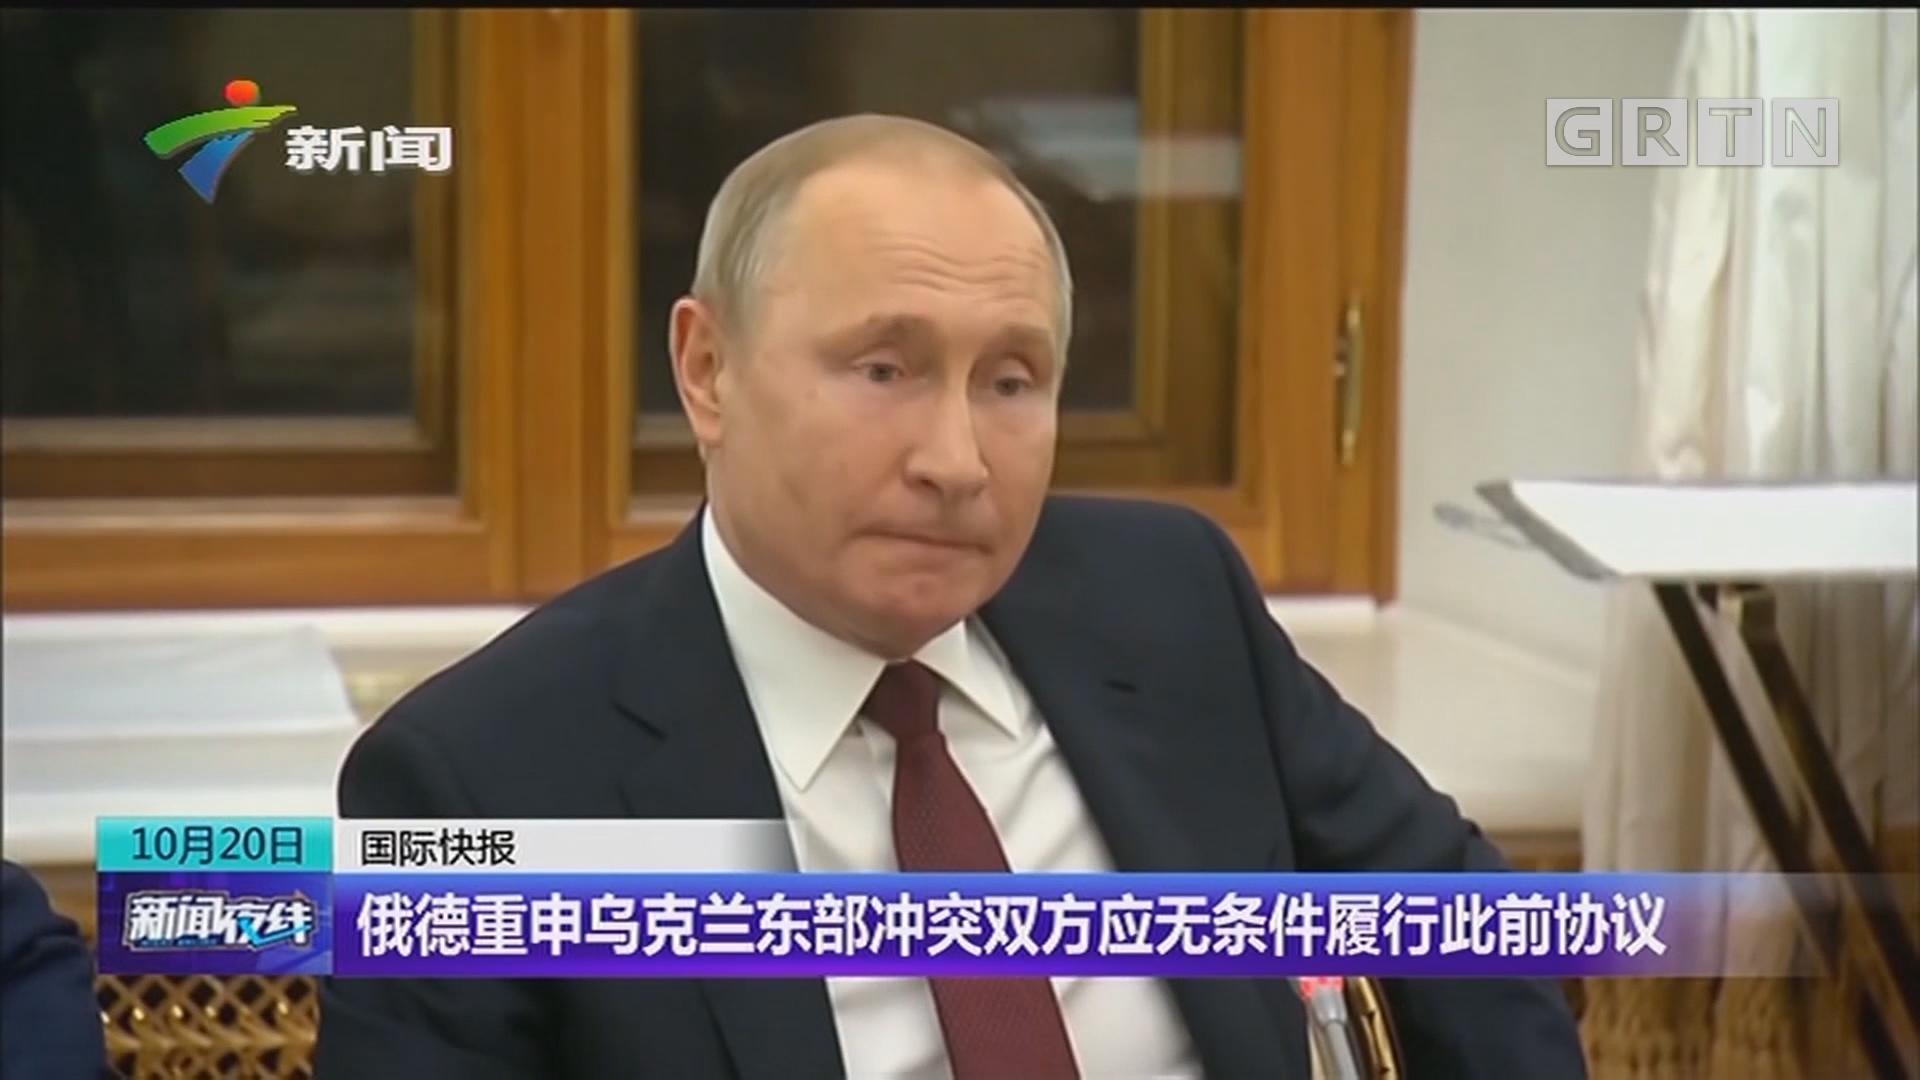 俄德重申乌克兰东部冲突双方应无条件履行此前协议